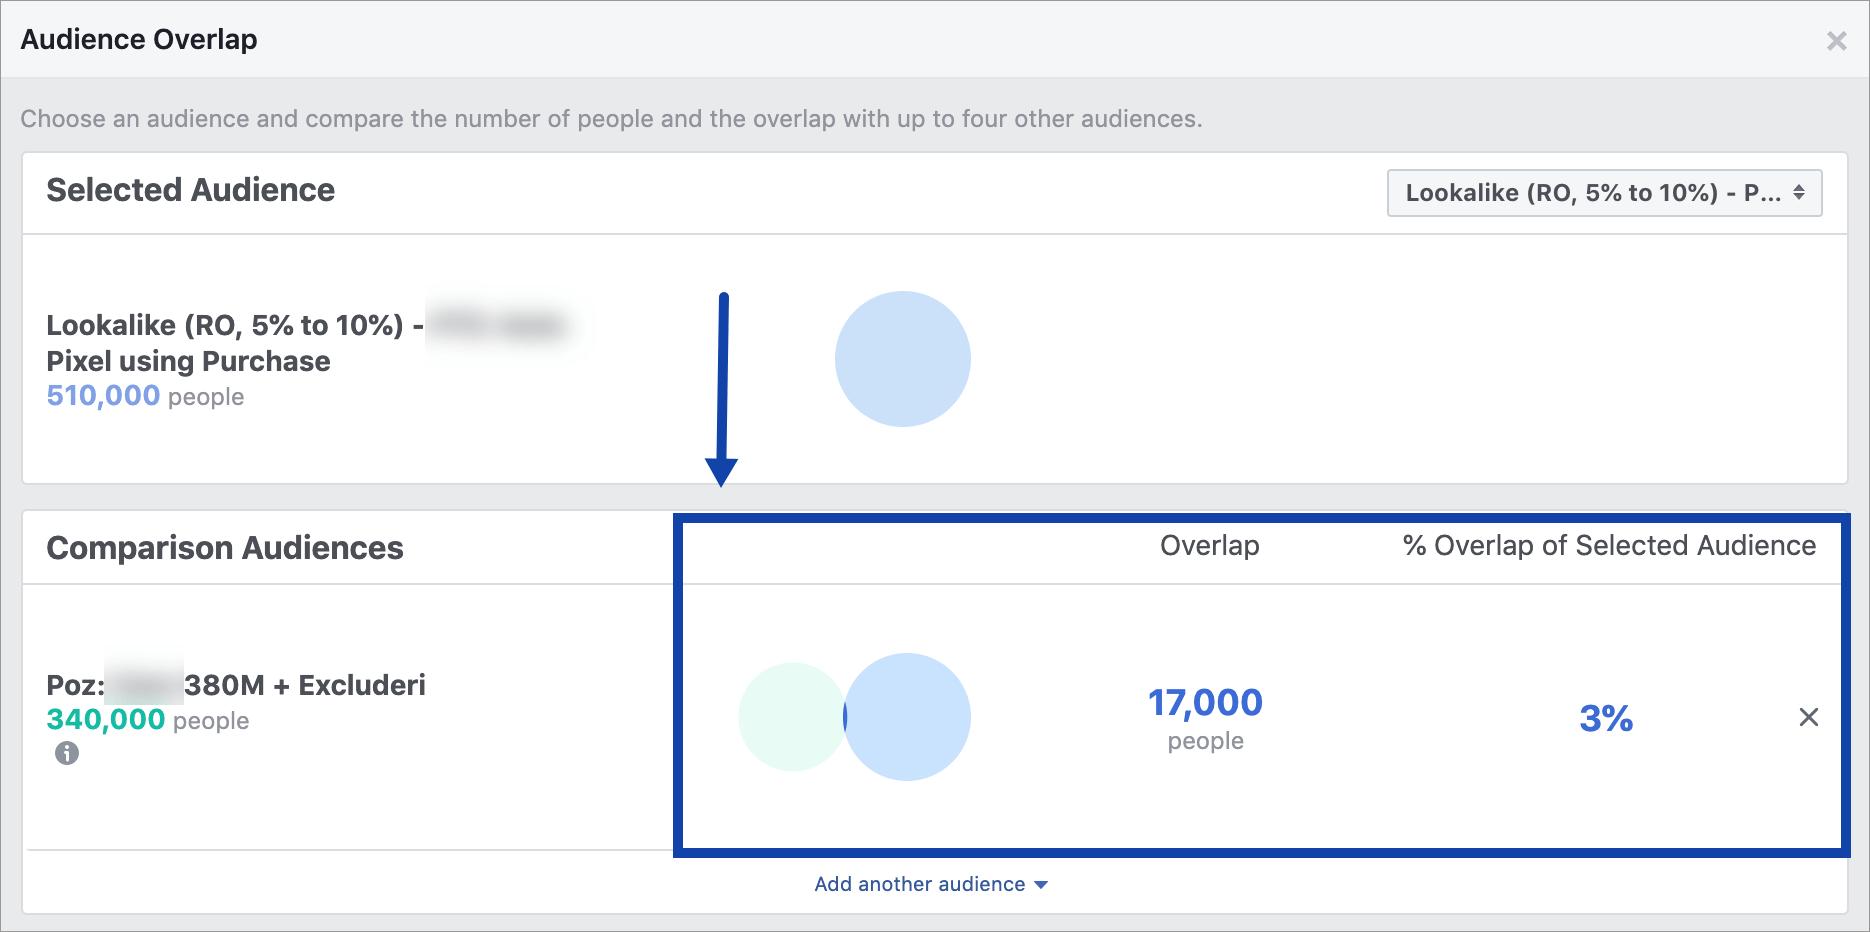 Agentia Maximize Promovare Facebook Ads 4-audience-overlap